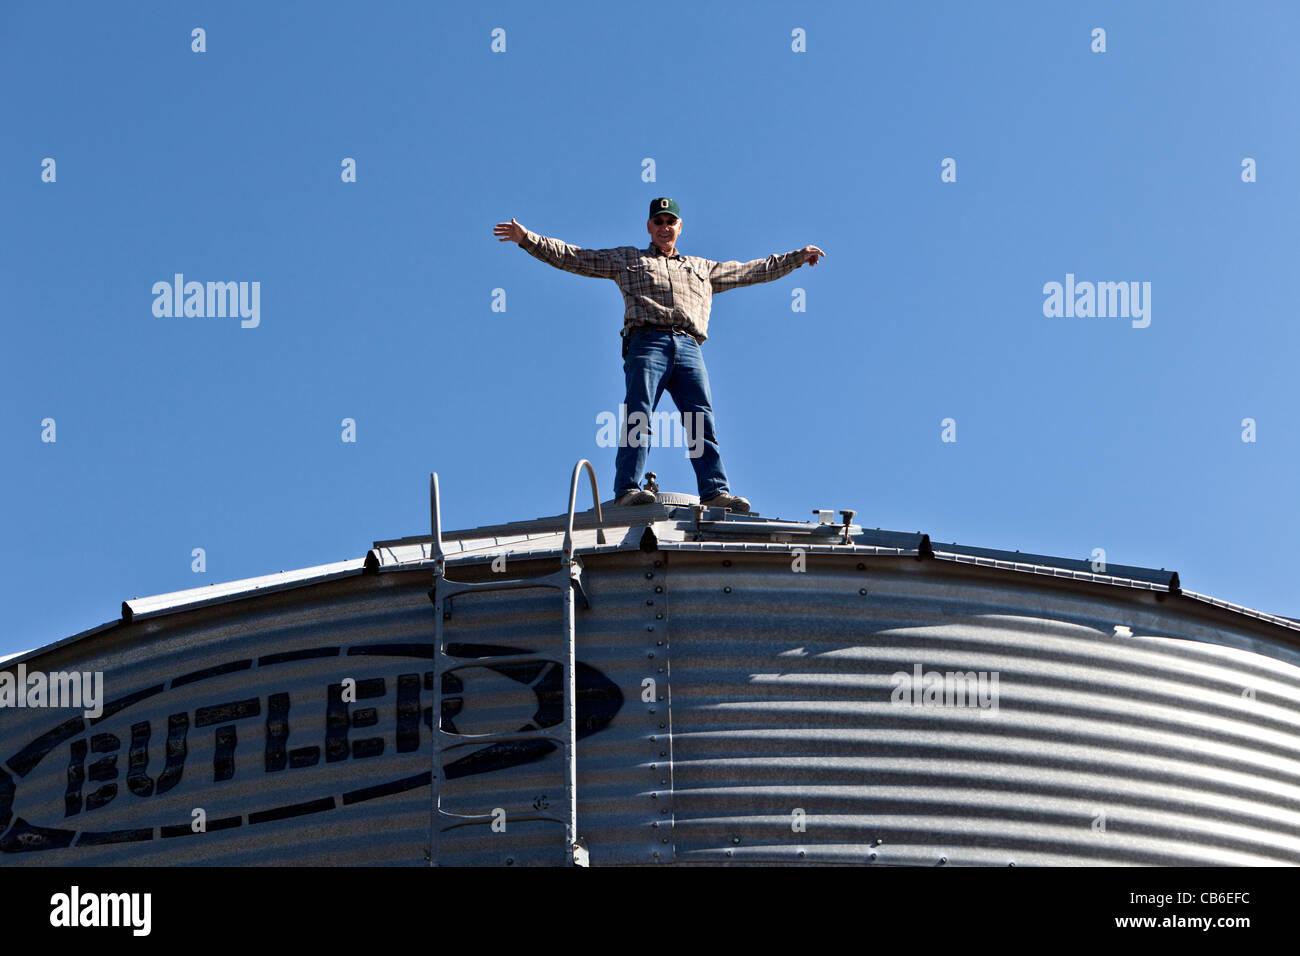 Coltivatore di grano in piedi sul tetto, stoccaggio granella bin. Immagini Stock